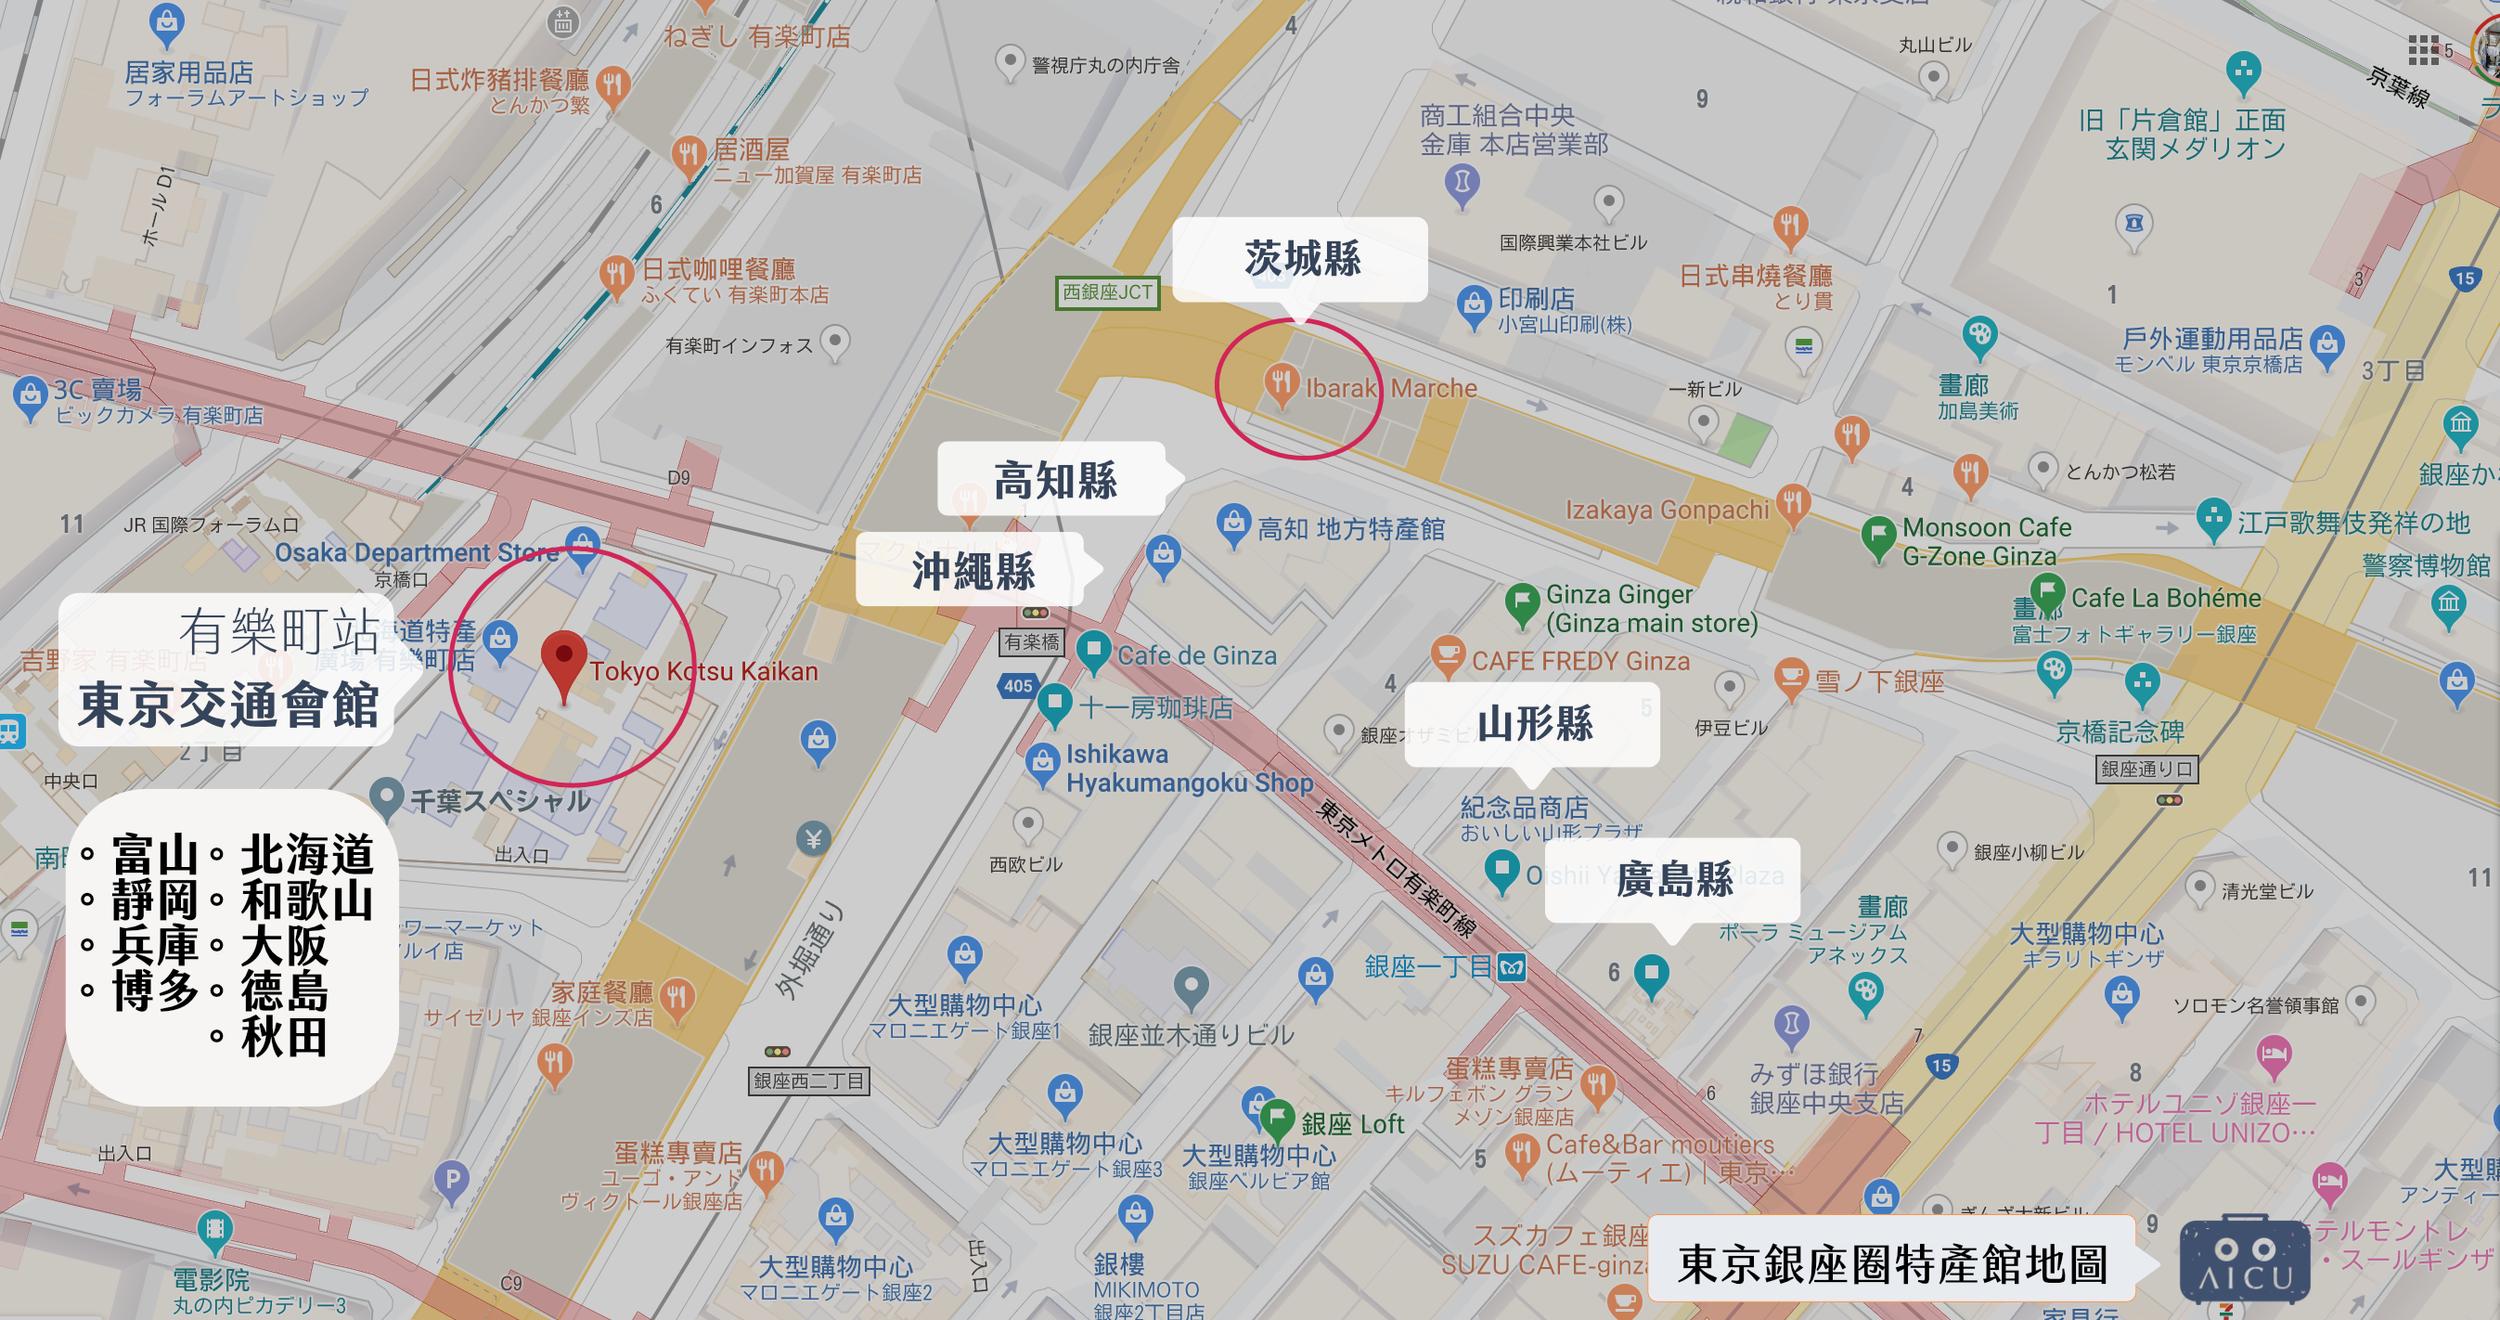 東京交通會館中的特產館分布在1F和B1,大小店鋪不等。